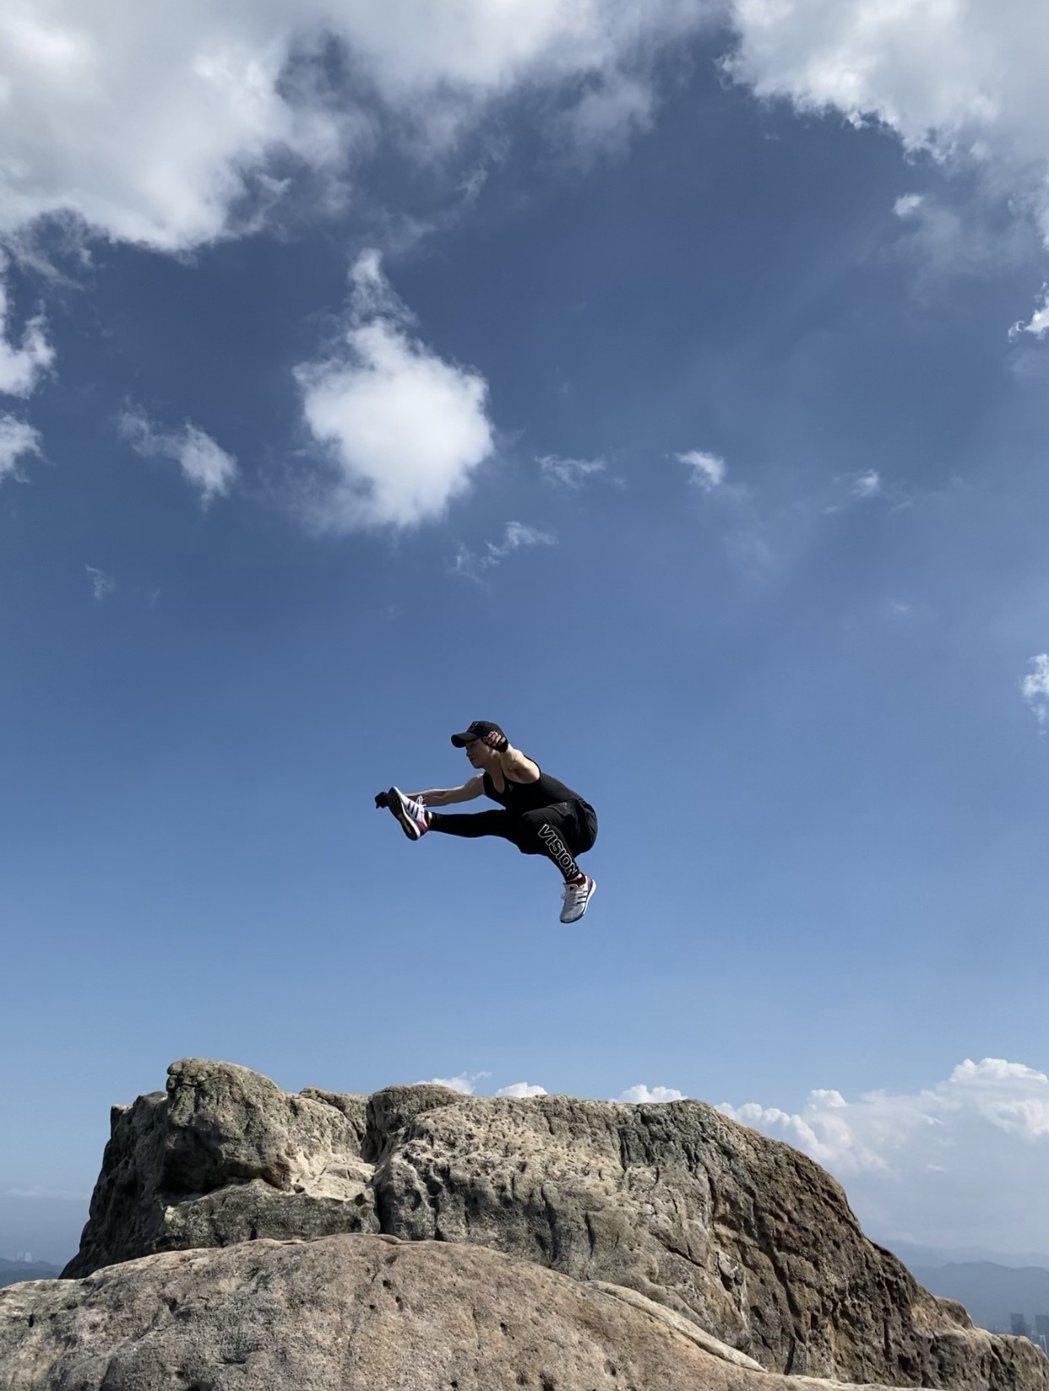 張洛偍登山健身。圖/周子娛樂提供